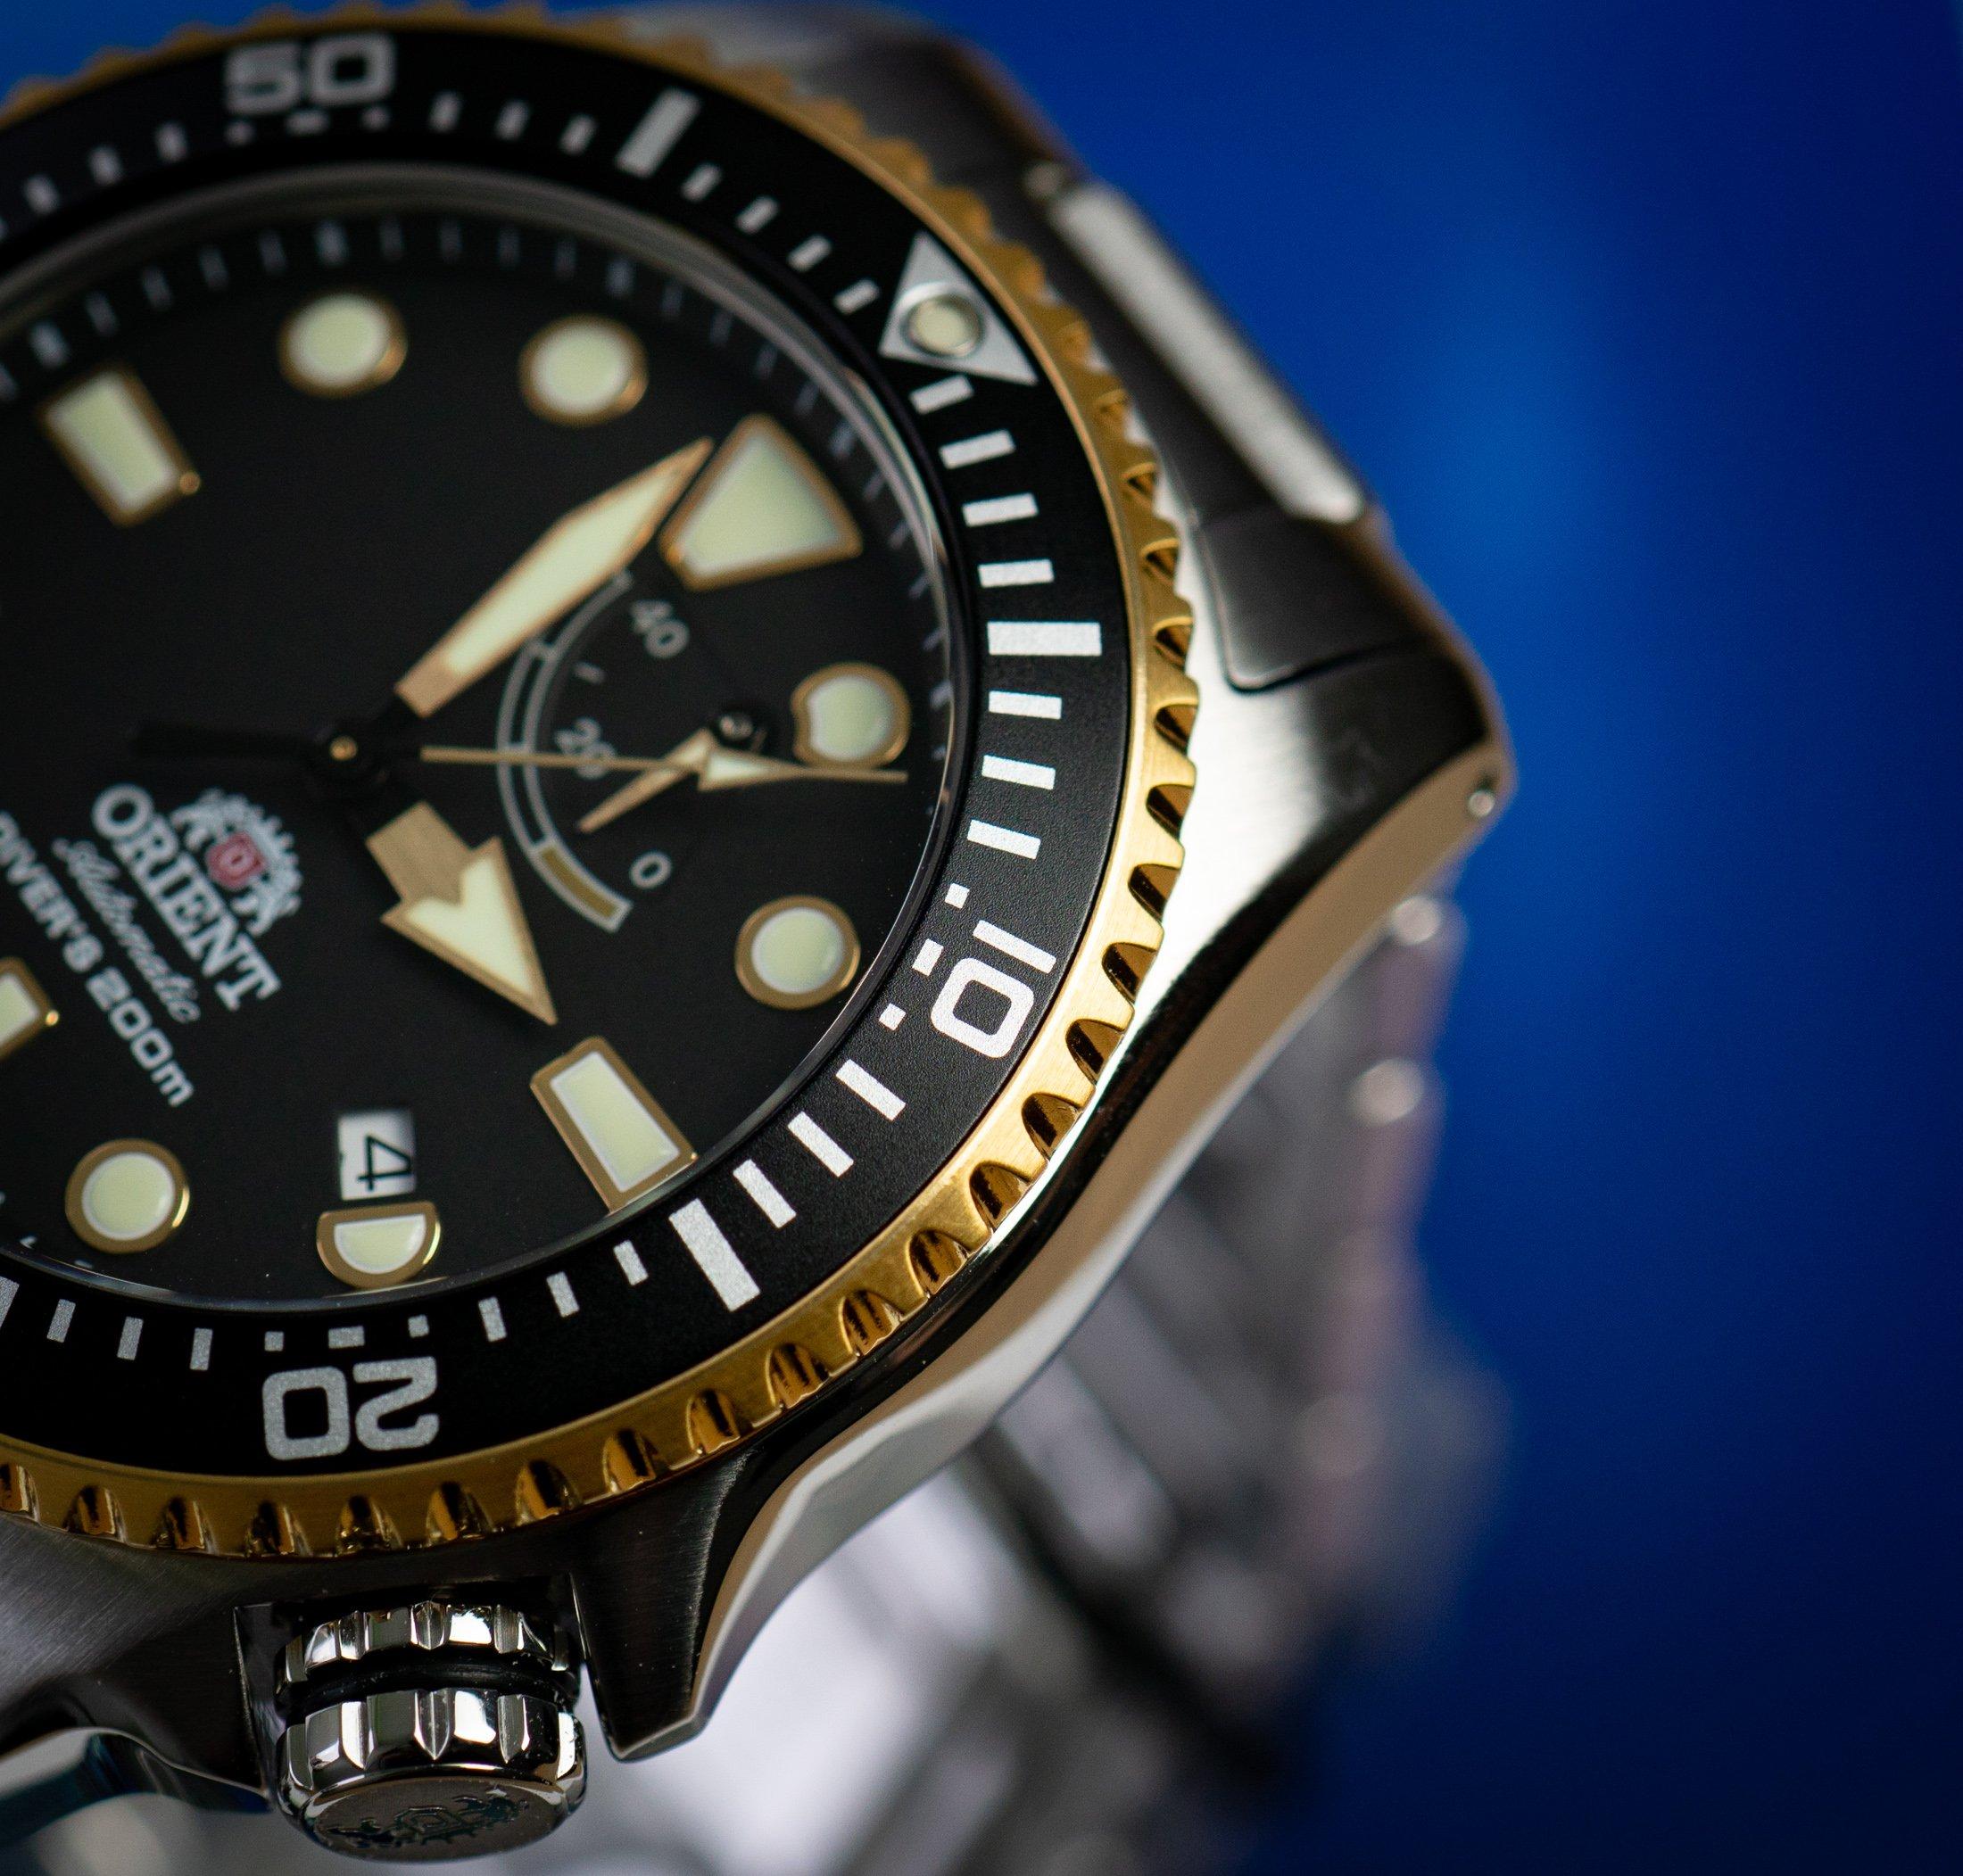 Orient-Uhr-Test-Erfahrungen-Lünette-schwarz-gold